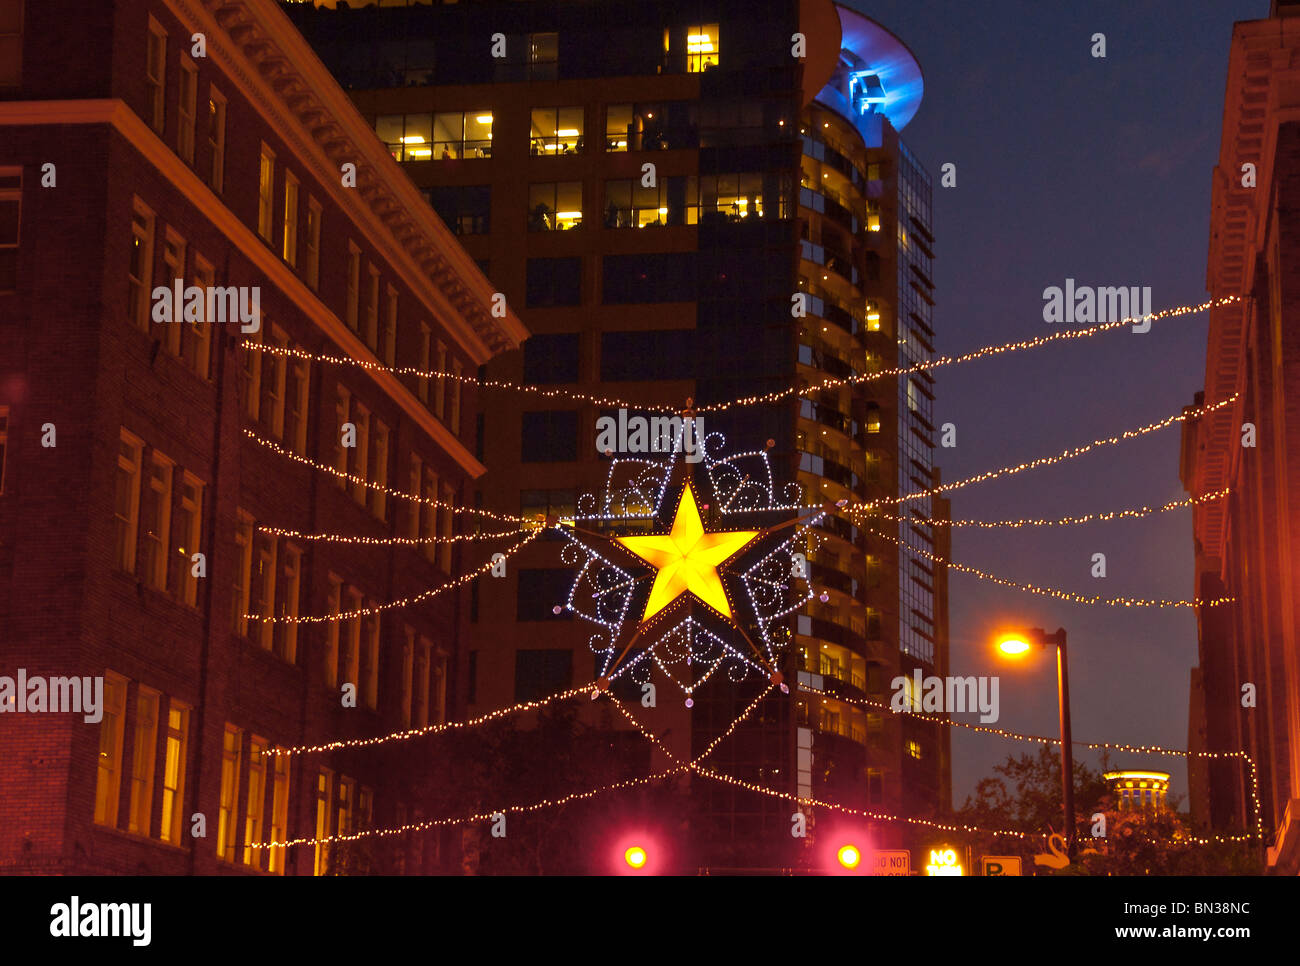 Decoraciones de Navidad brillan en la noche en el centro de la ciudad de Orlando, Florida, EE.UU. Foto de stock